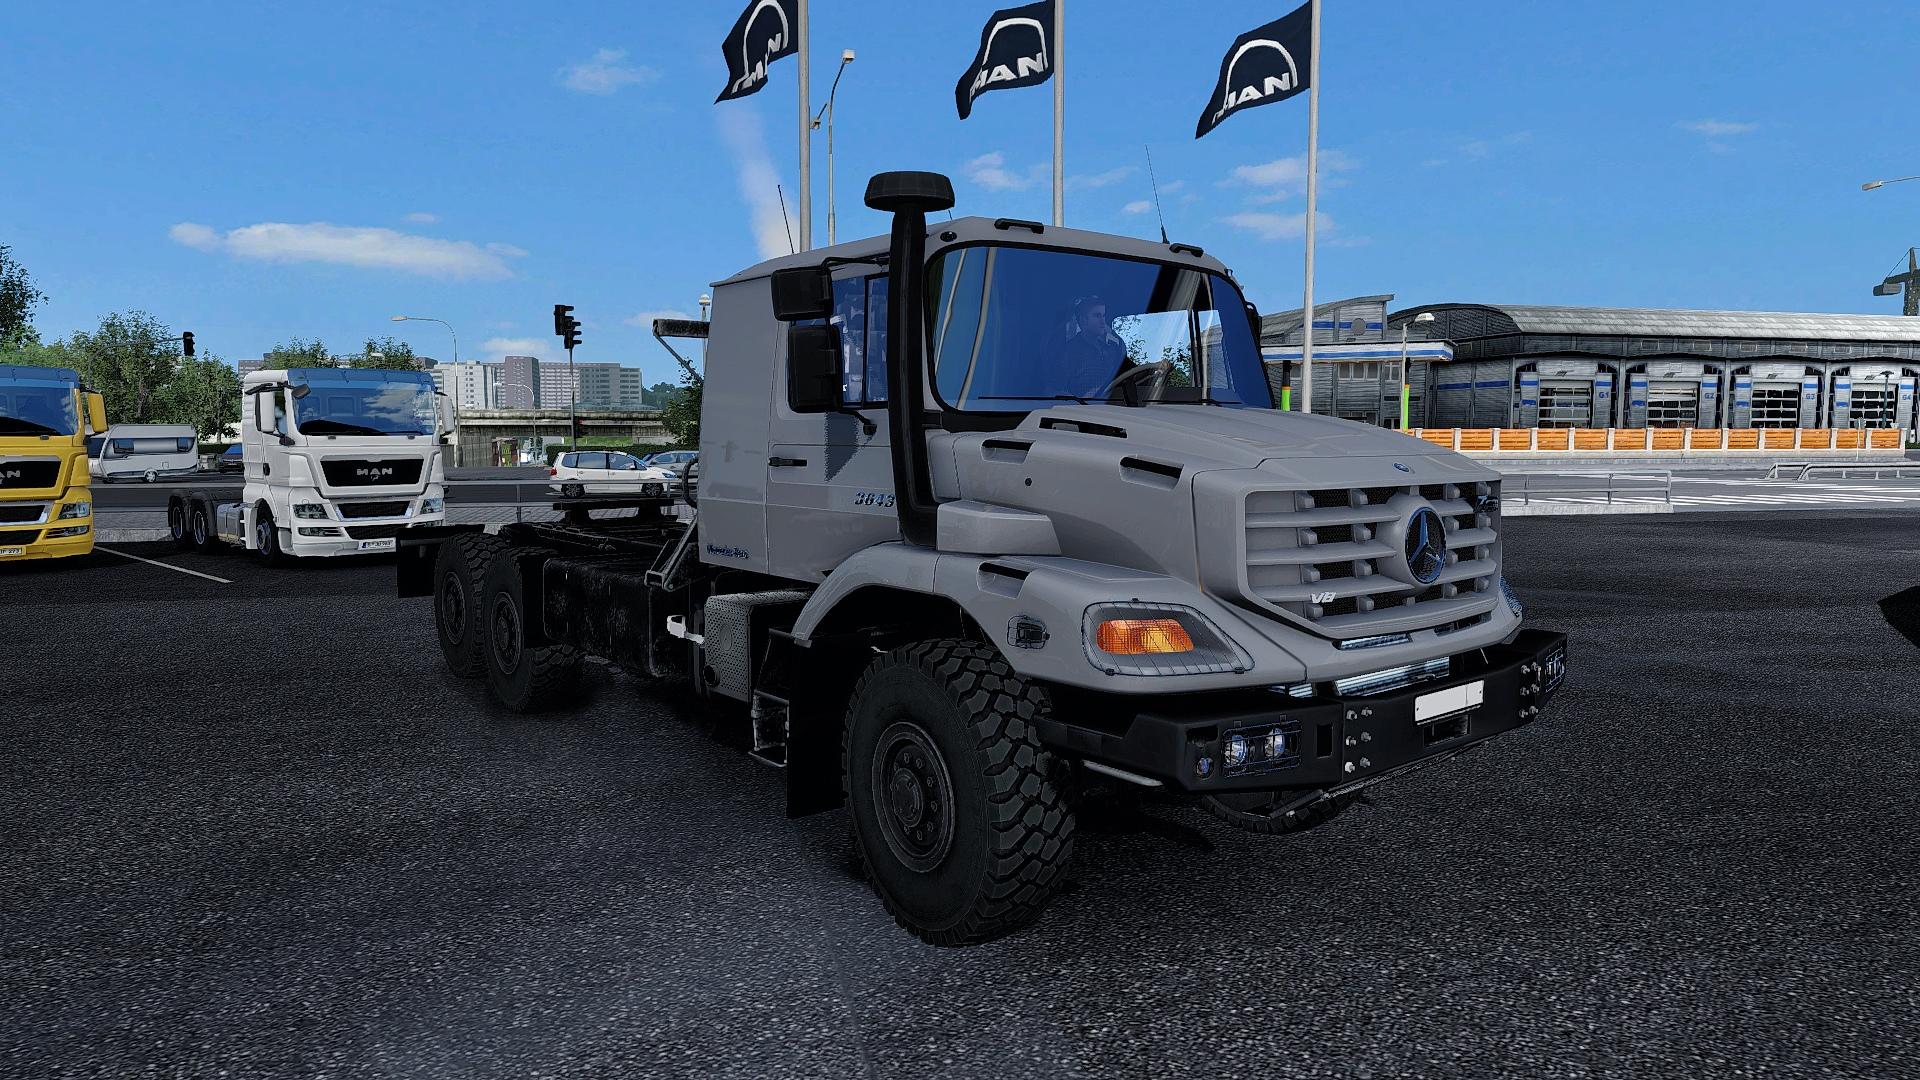 TTxfFvIpjzY.jpg - Euro Truck Simulator 2